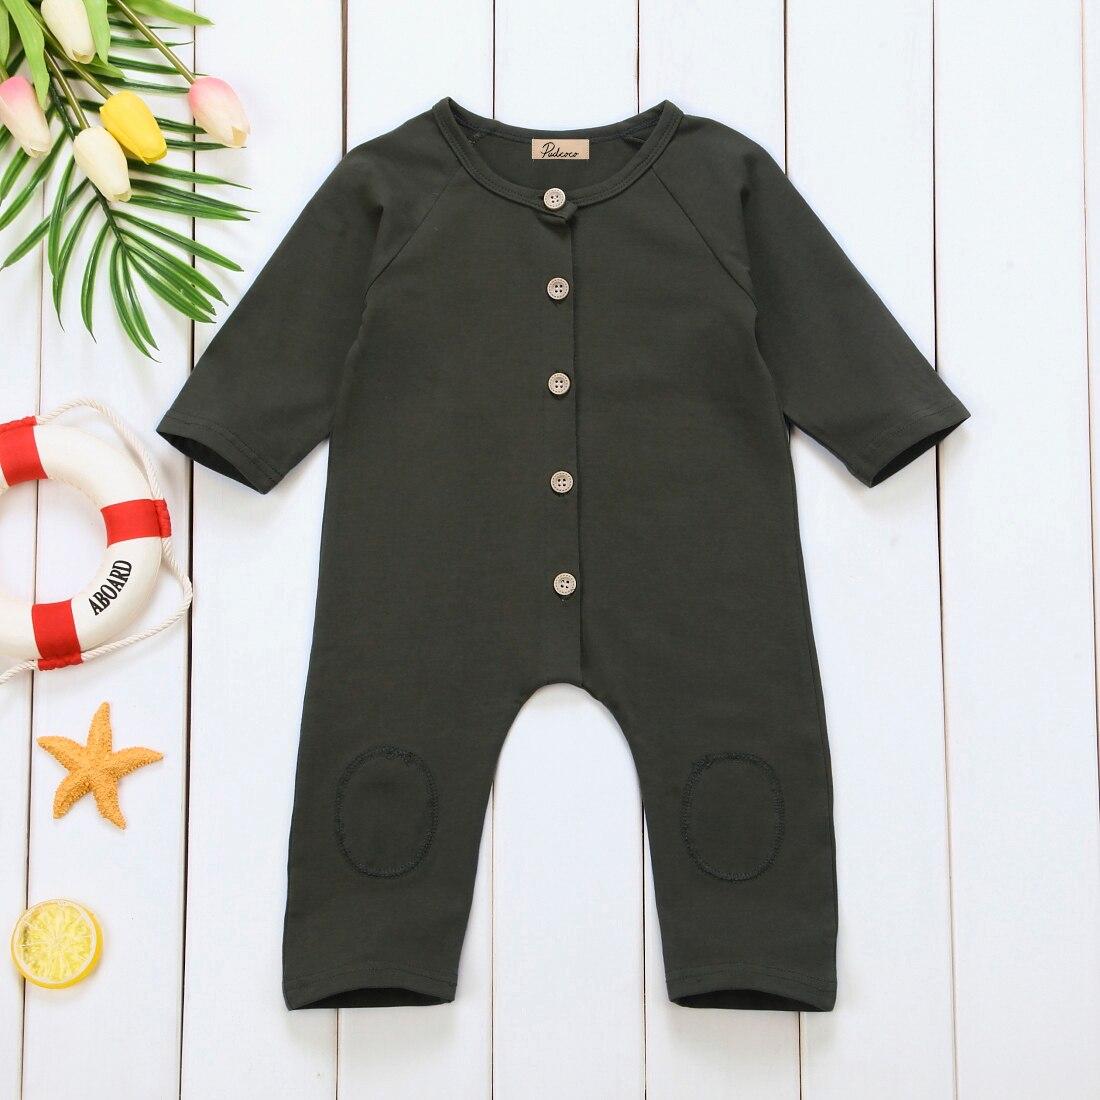 Newborn Baby Boys Girls Unisex Plain Outfits Button Romper Jumpsuit Playsuit US